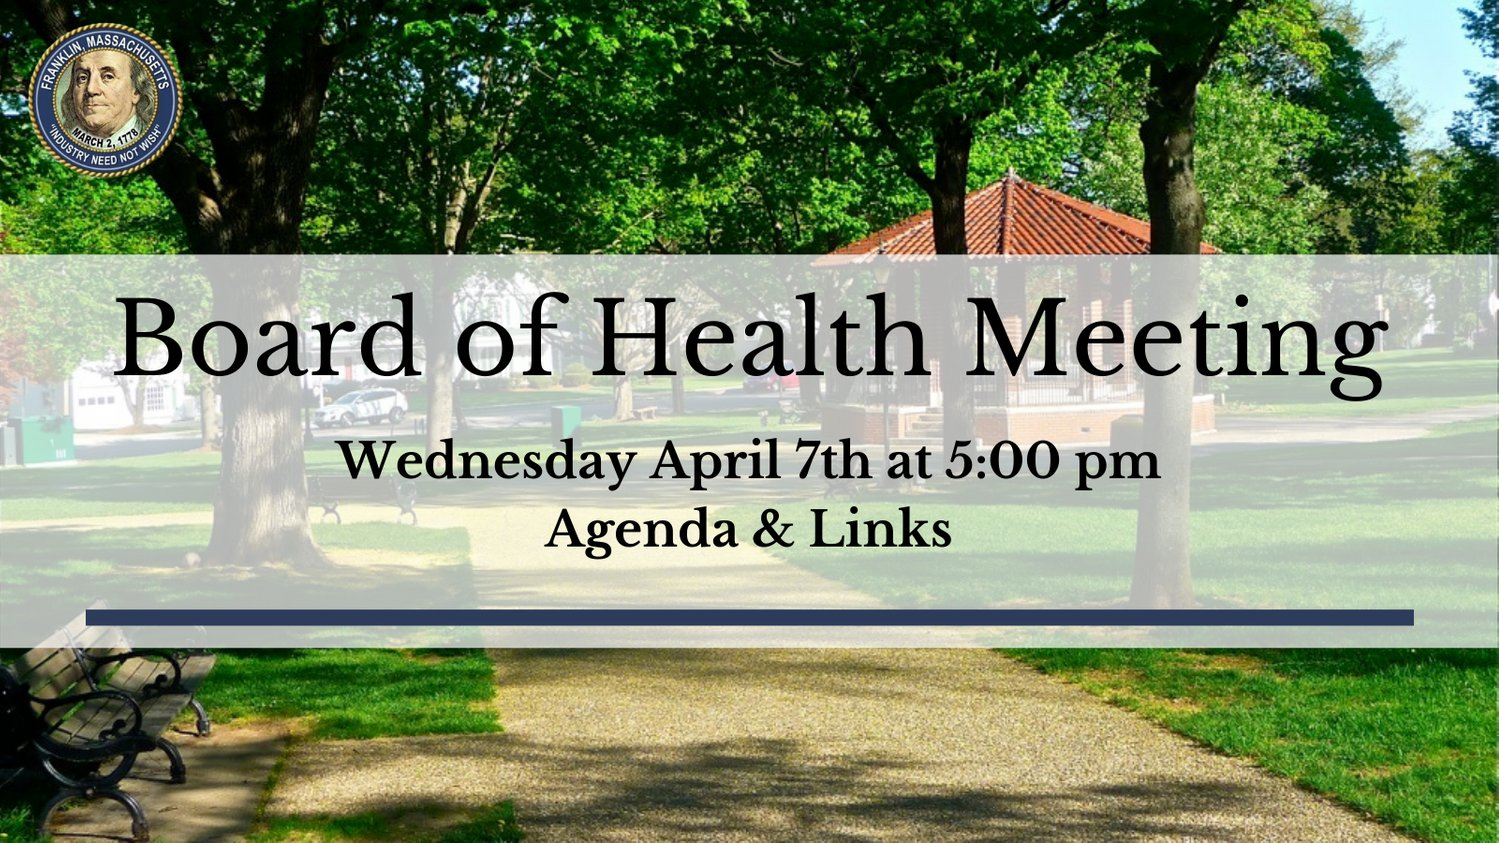 Board of Health - Agenda - Apr 7, 2021 - 5 PM